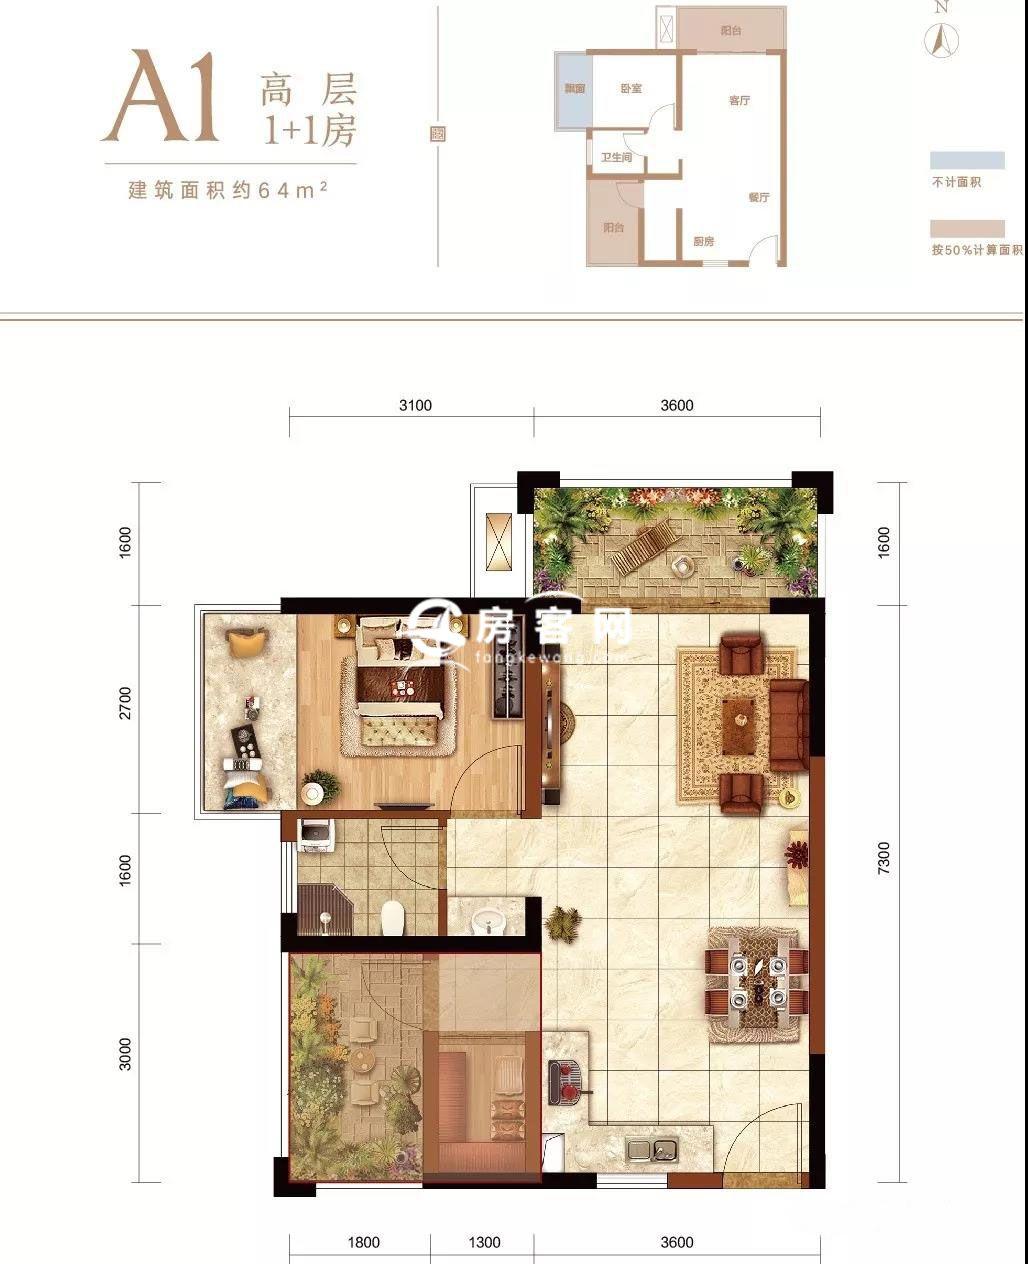 A1高层 1+1房2厅1厨1卫2阳台  建面约64㎡